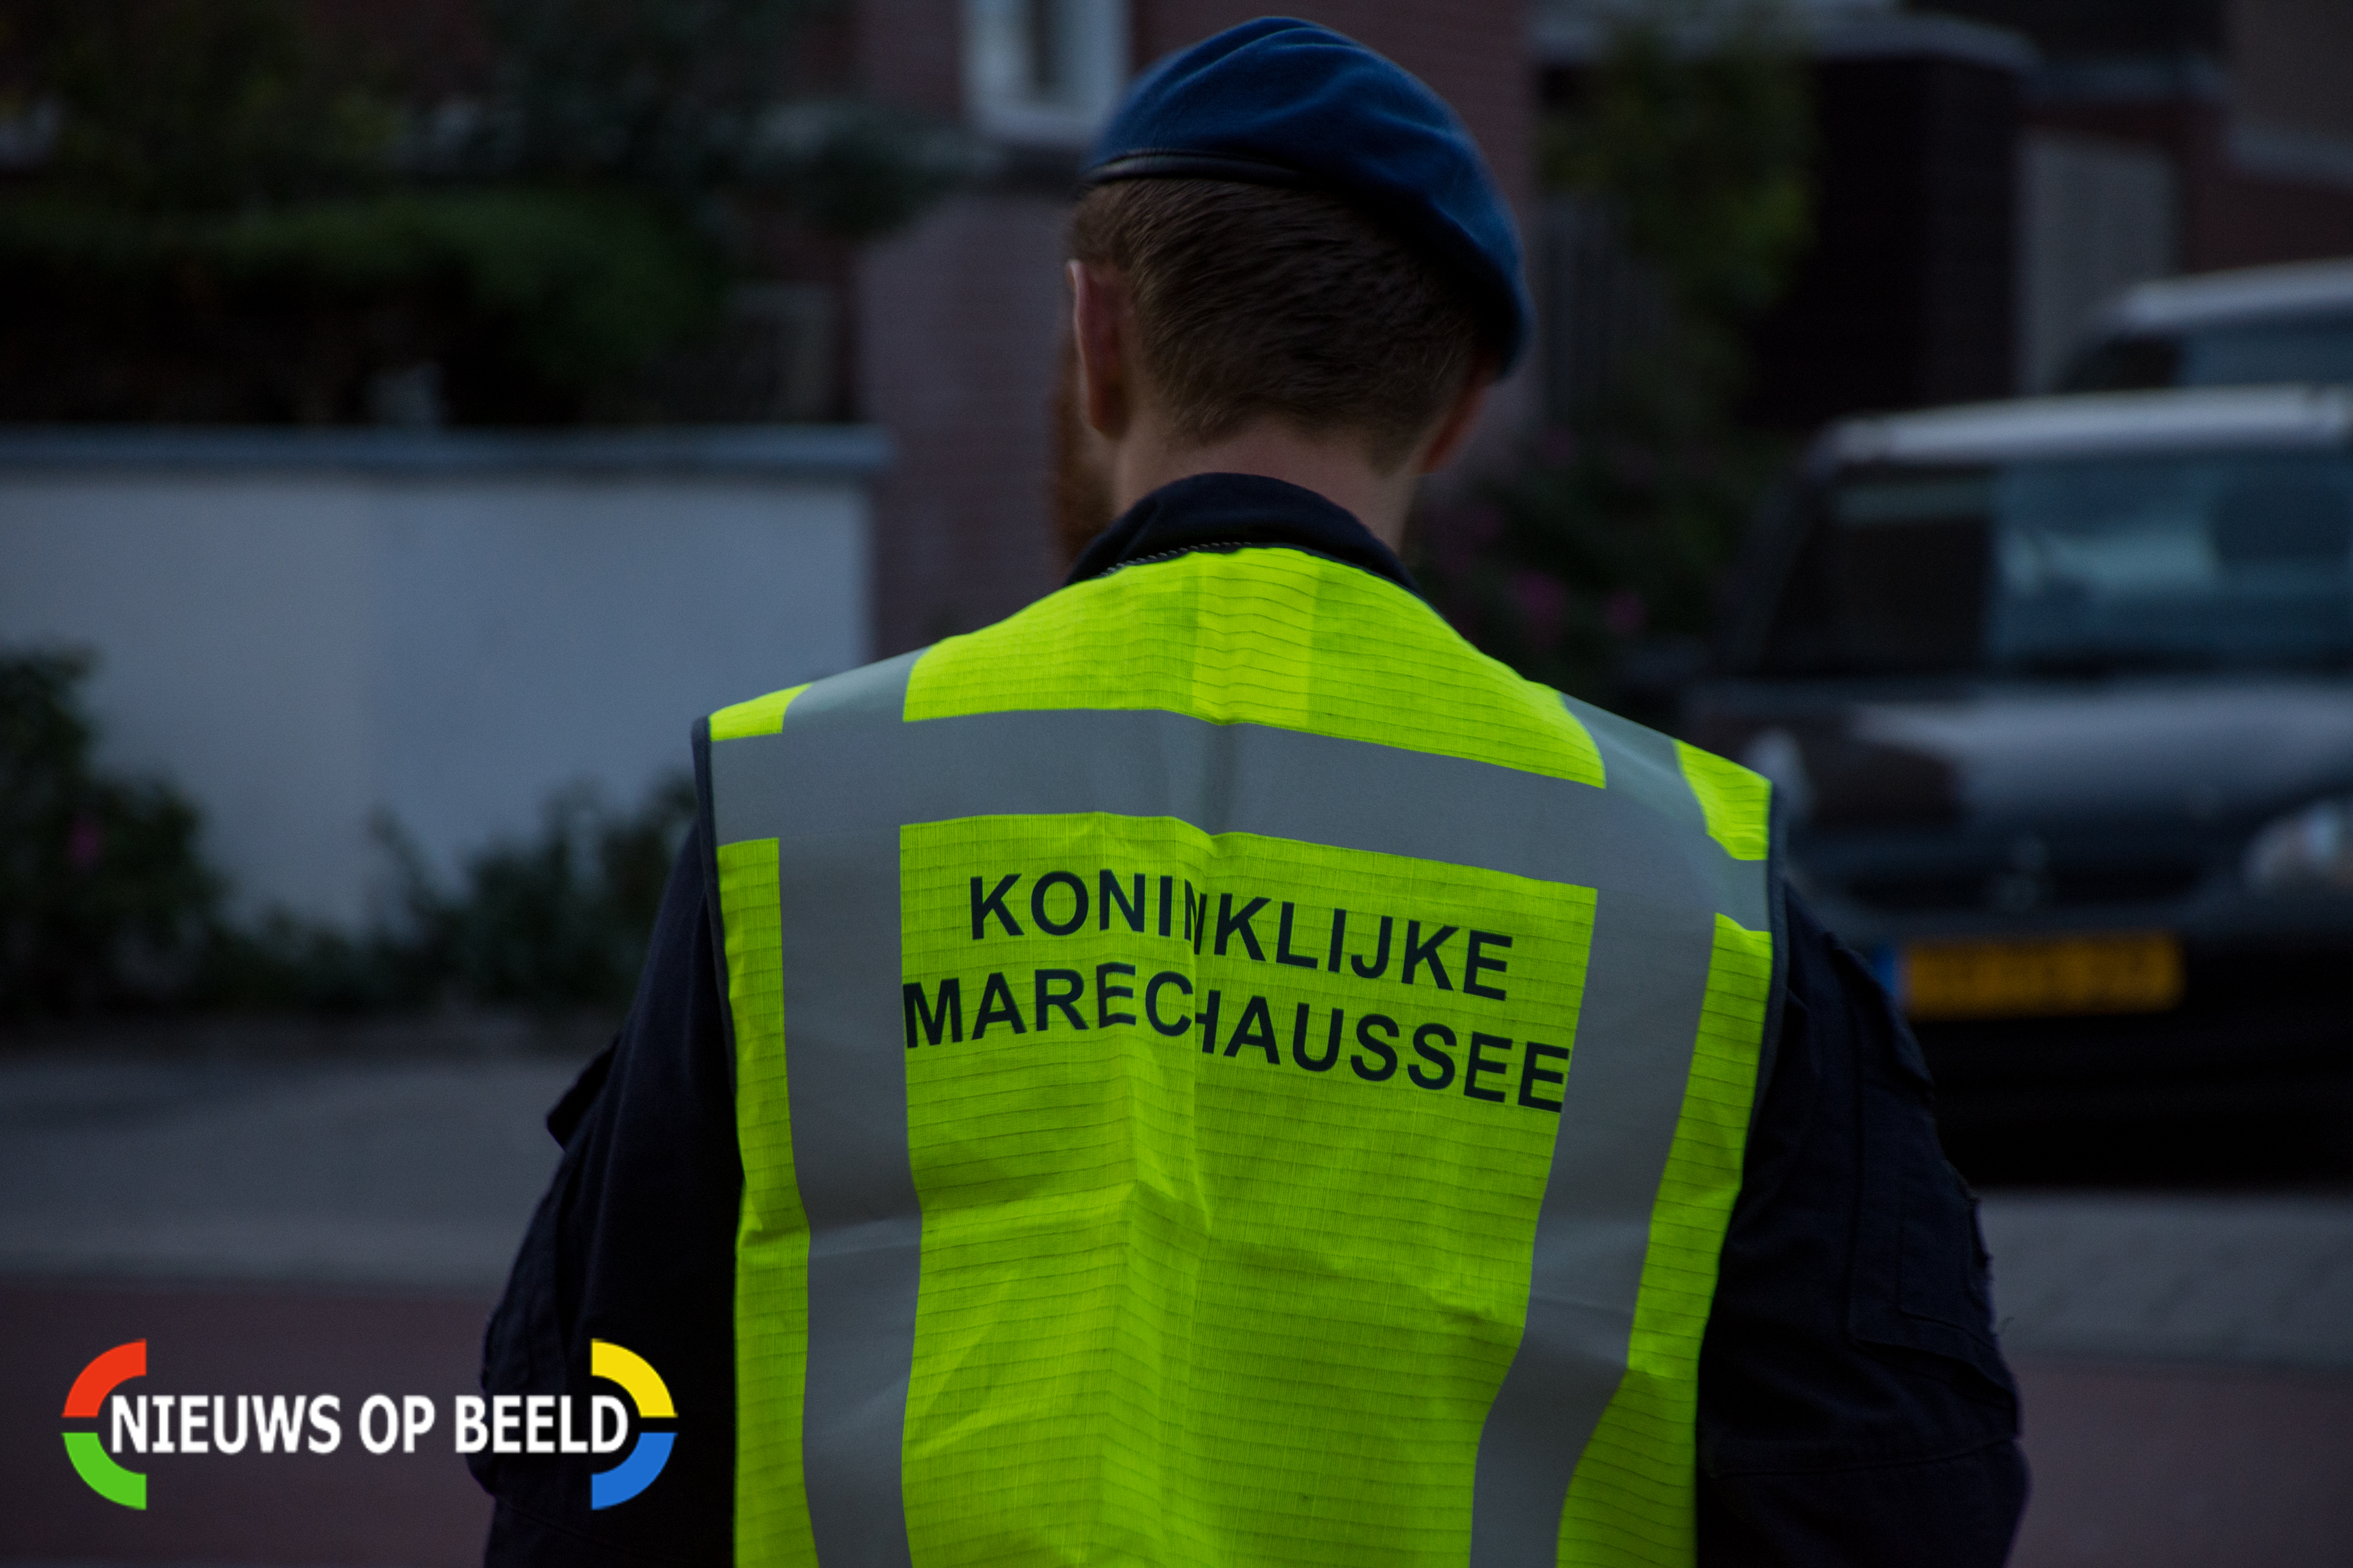 Drie Britten opgepakt voor mensensmokkel in Hoek van Holland